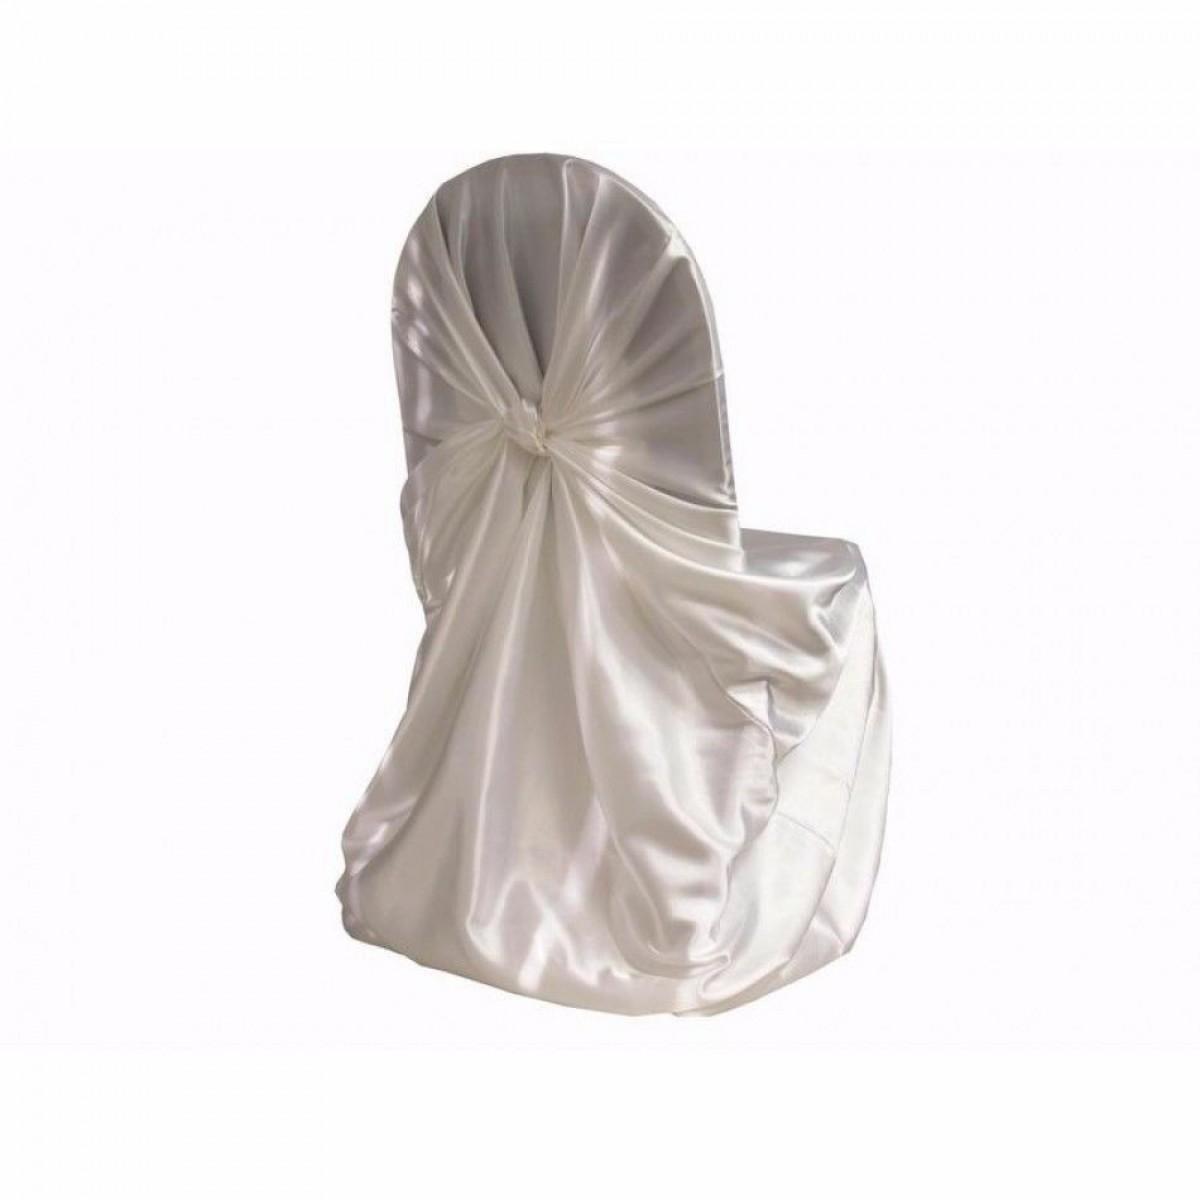 housse de chaise blanche en satin